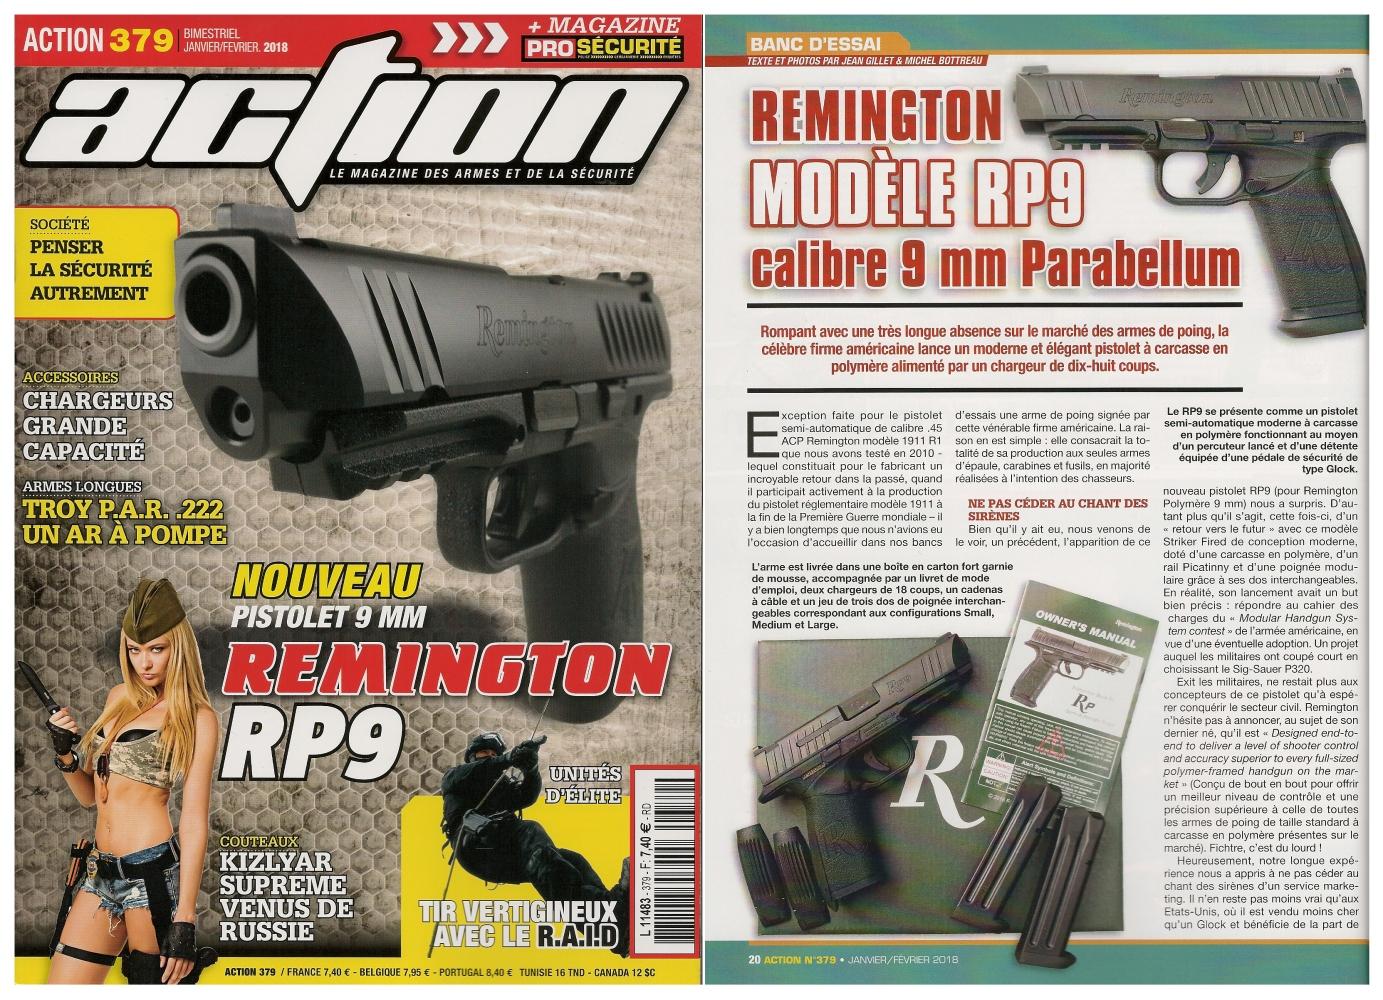 Le banc d'essai du pistolet Remington modèle RP9 a été publié sur 6 pages dans le magazine Action n° 379 (janvier/février 2018).